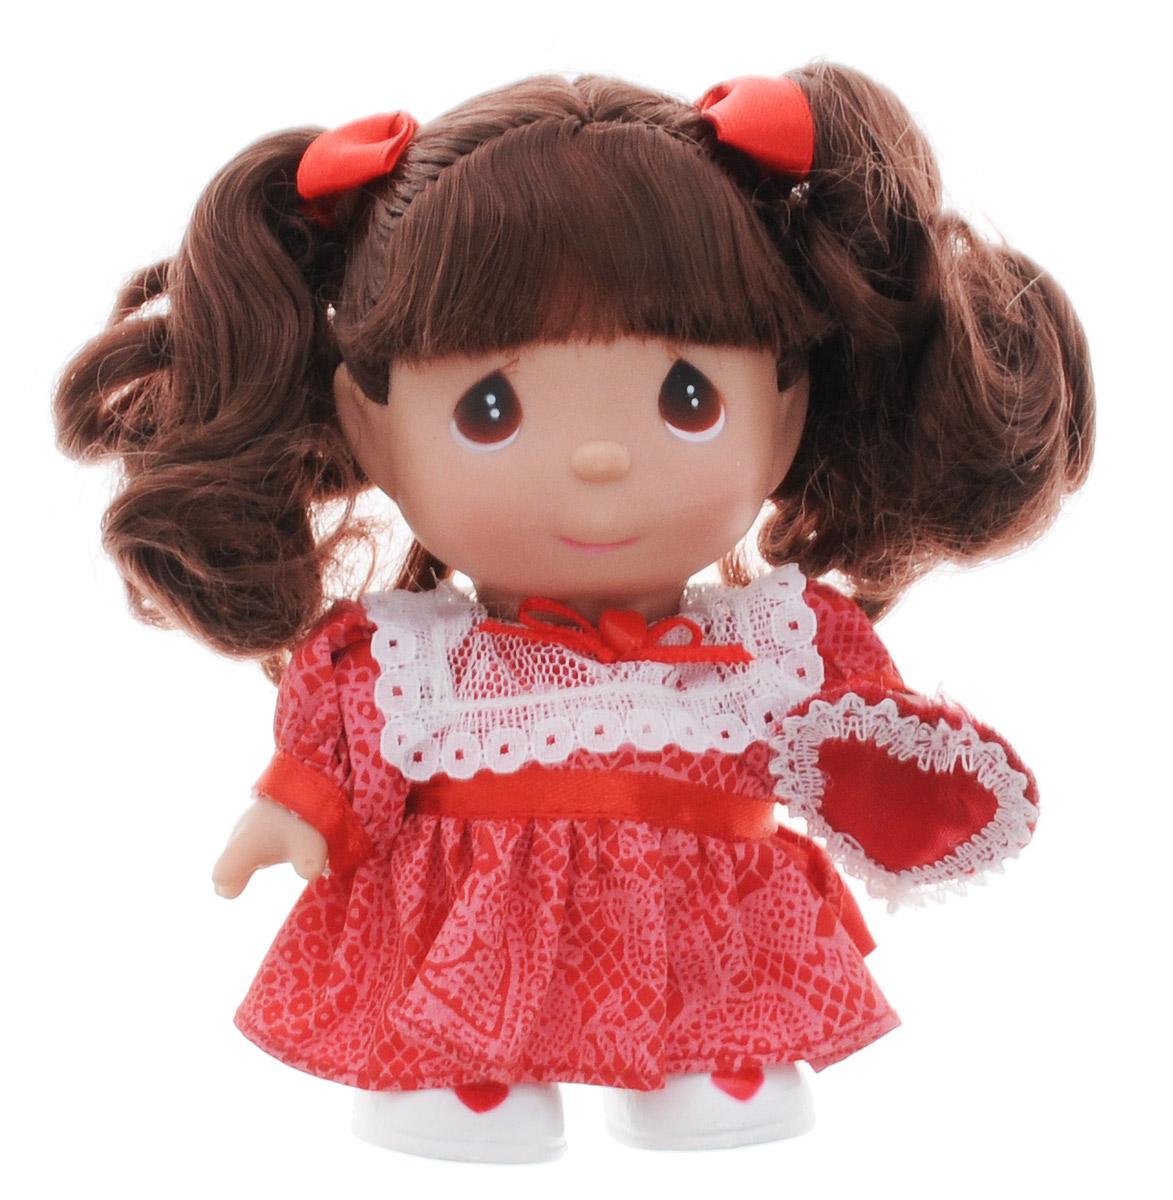 Precious Moments Мини-кукла Февраль5364Какие же милые эти куколки Precious Moments. Создатель этих очаровательных крошек настоящая волшебница - Линда Рик - оживила свои творения, каждая кукла обрела свой милый и неповторимый образ. Эти крошки могут сопровождать вас в чудесных странствиях и сделать каждый момент вашей жизни незабываемым! Мини-кукла Февраль одета в нарядное красное платье. У девочки большие карие глазки и темные волосы, заплетенные в два хвостика. В руке куколка держит сердечко. Благодаря играм с куклой, ваша малышка сможет развить фантазию и любознательность, овладеть навыками общения и научиться ответственности. Порадуйте свою принцессу таким прекрасным подарком!